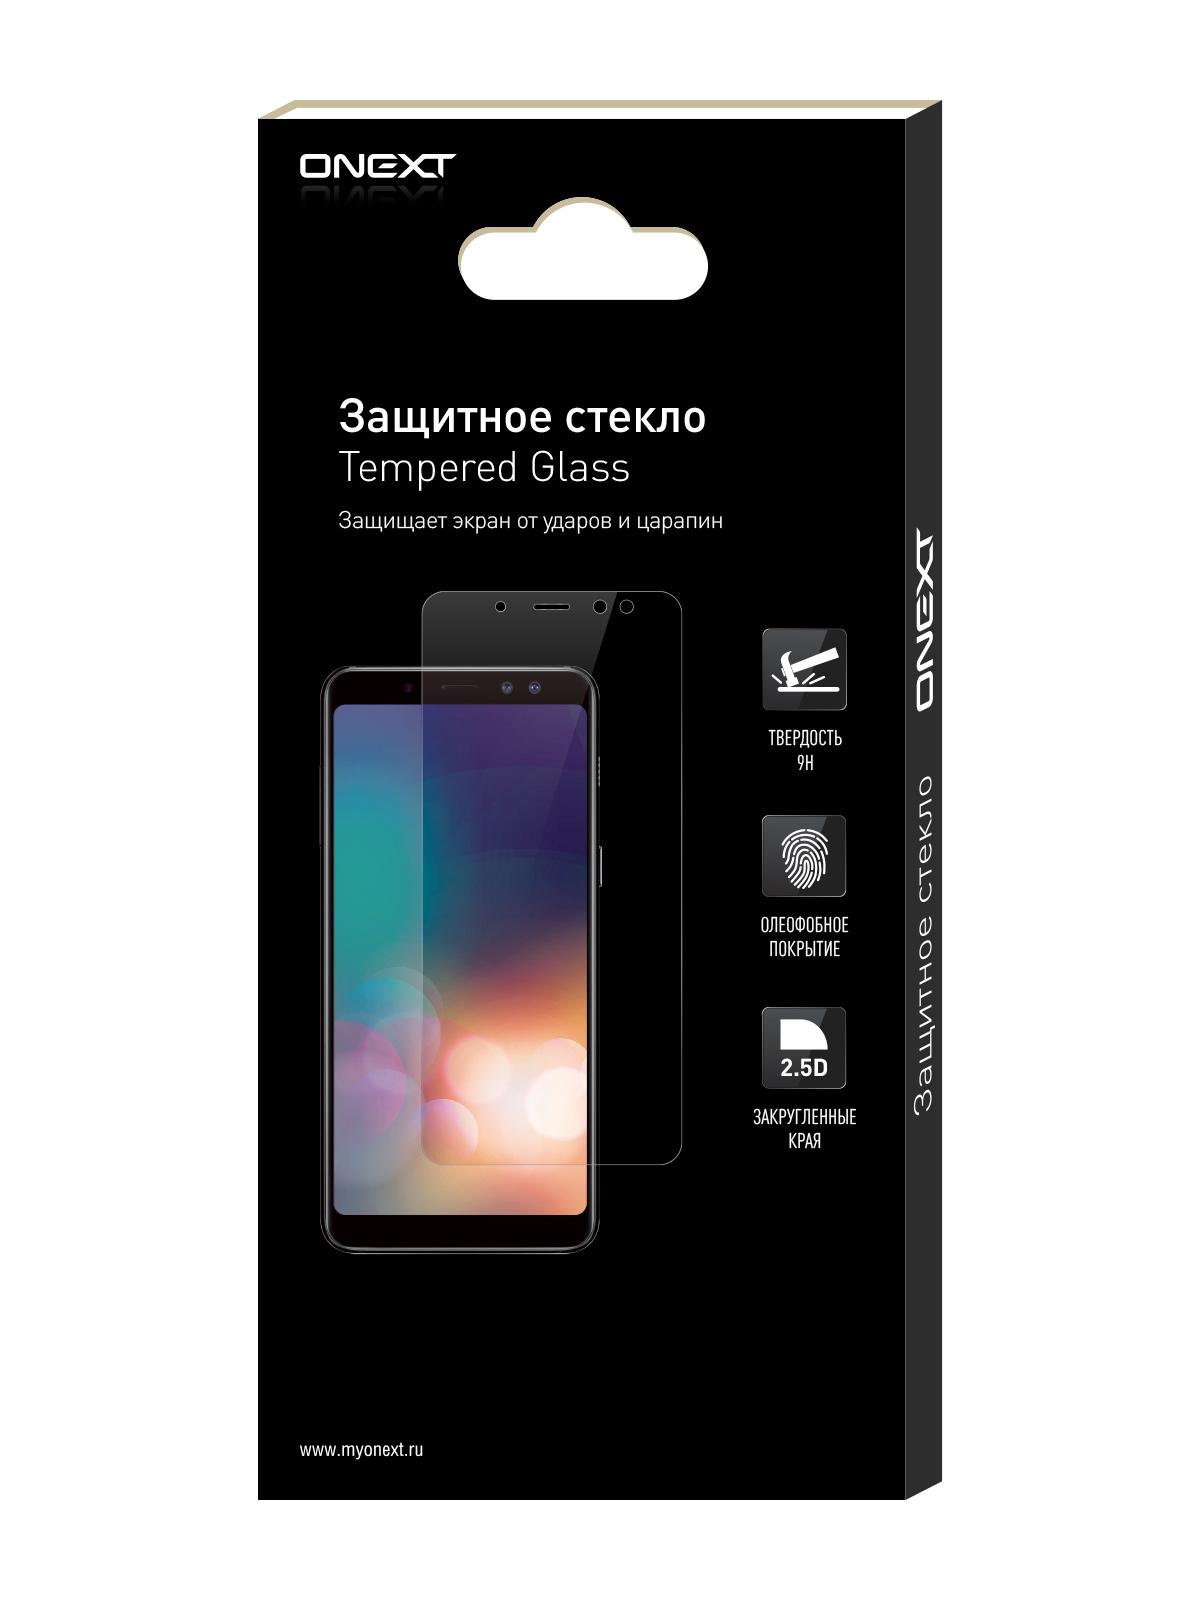 Защитное стекло ONEXT для Xiaomi Mi Note 2